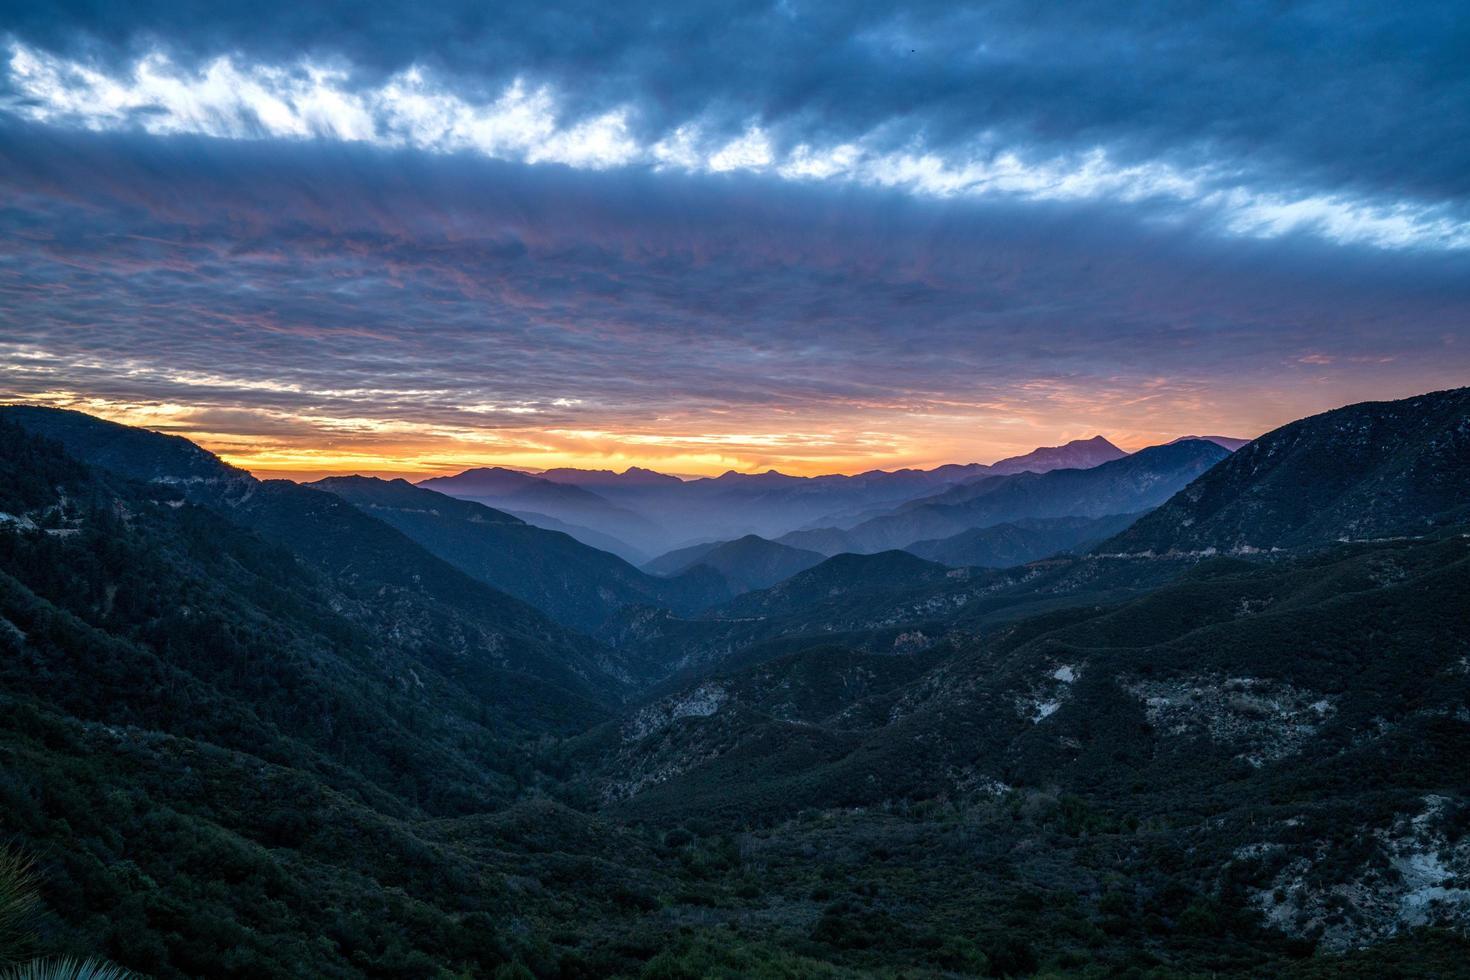 beau coucher de soleil sur les montagnes verdoyantes photo